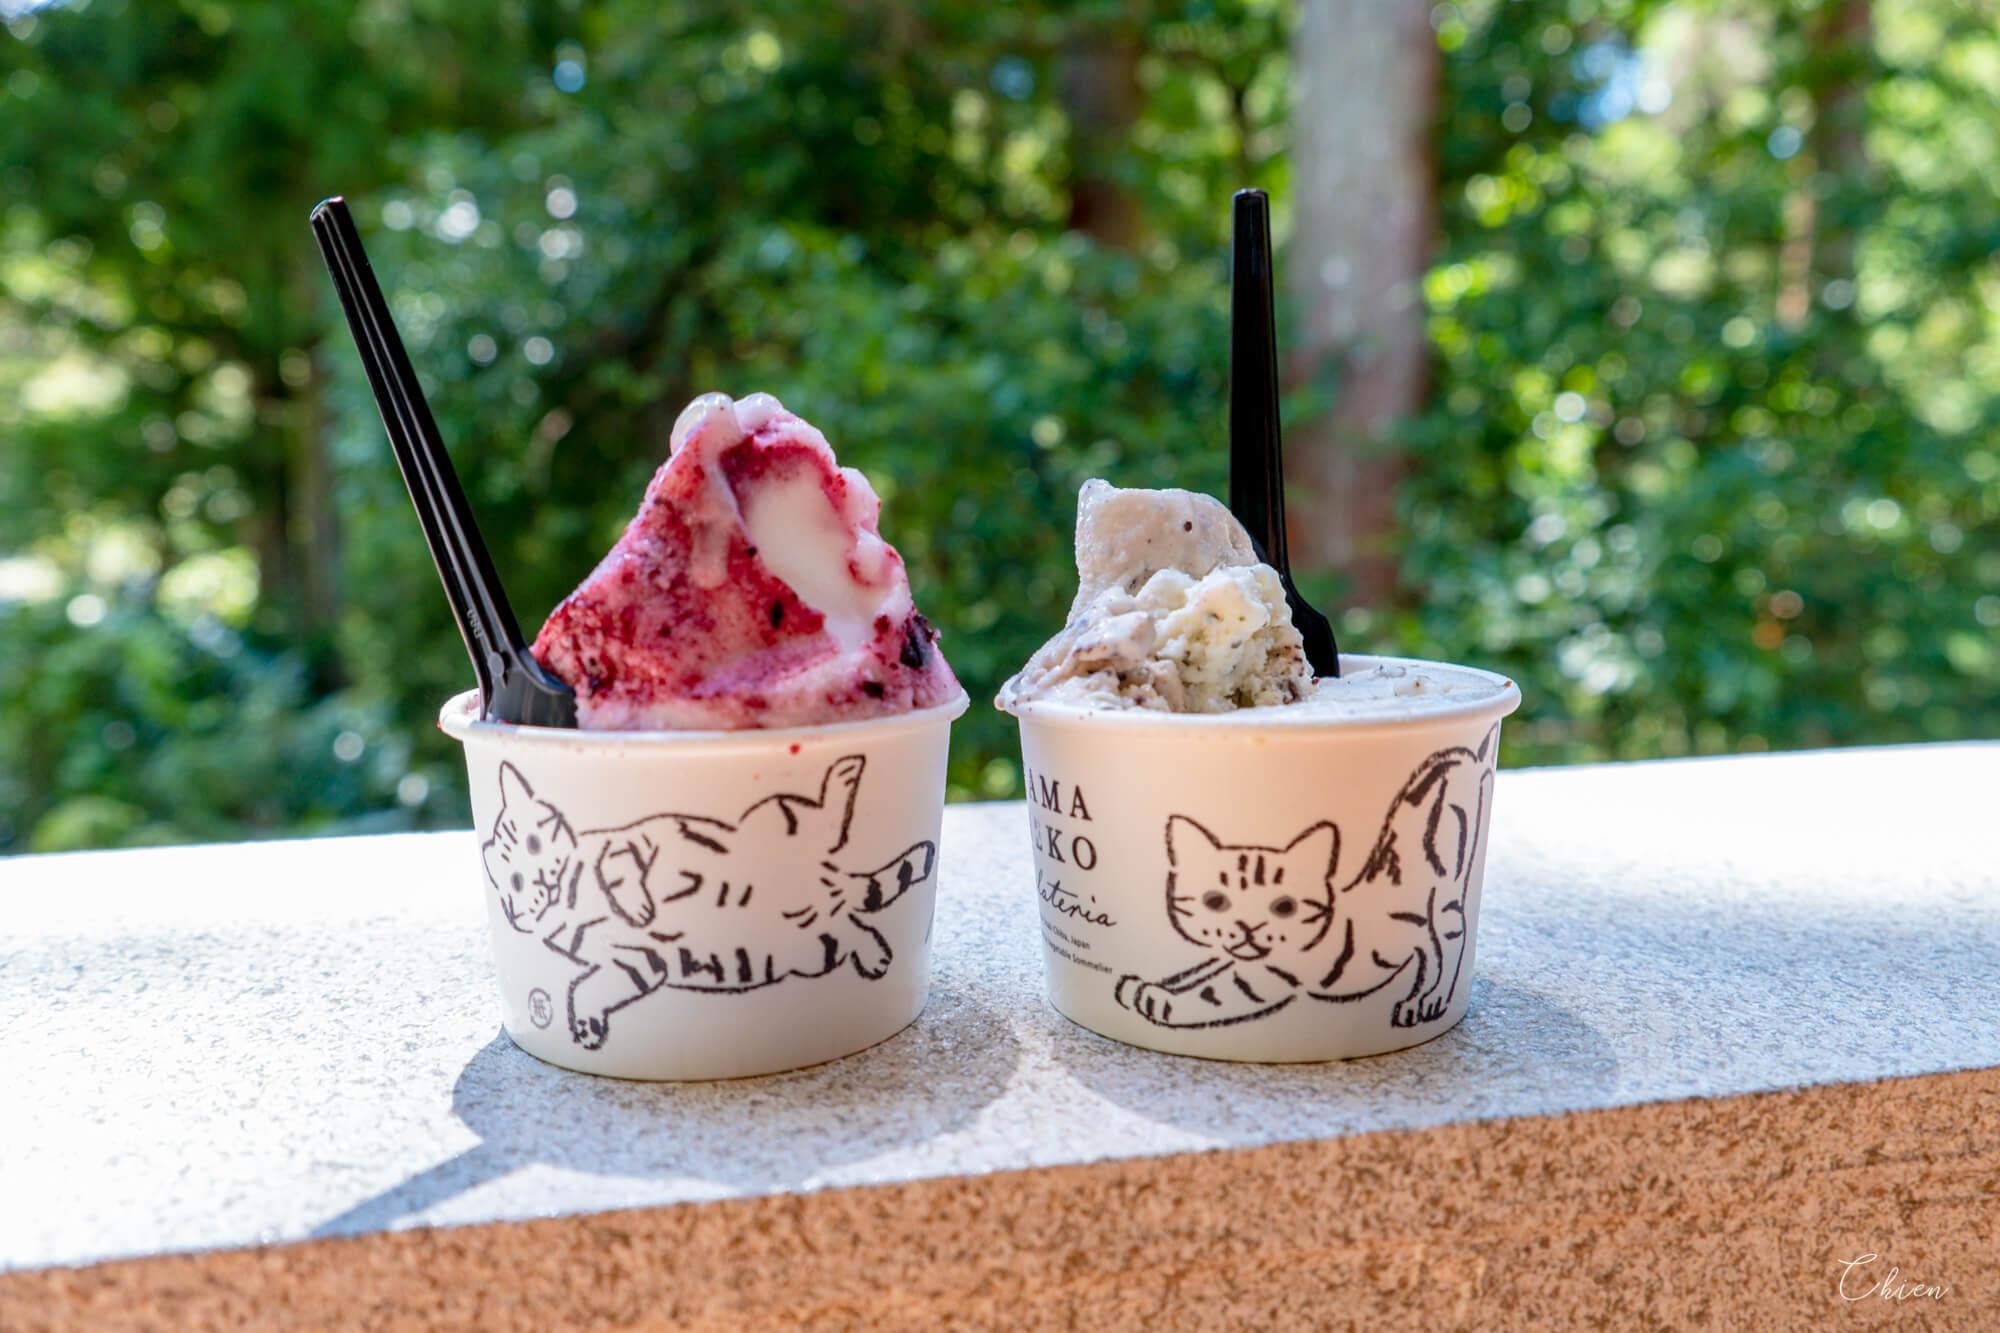 千葉養老溪谷美食 山貓gelato 義式冰淇淋2